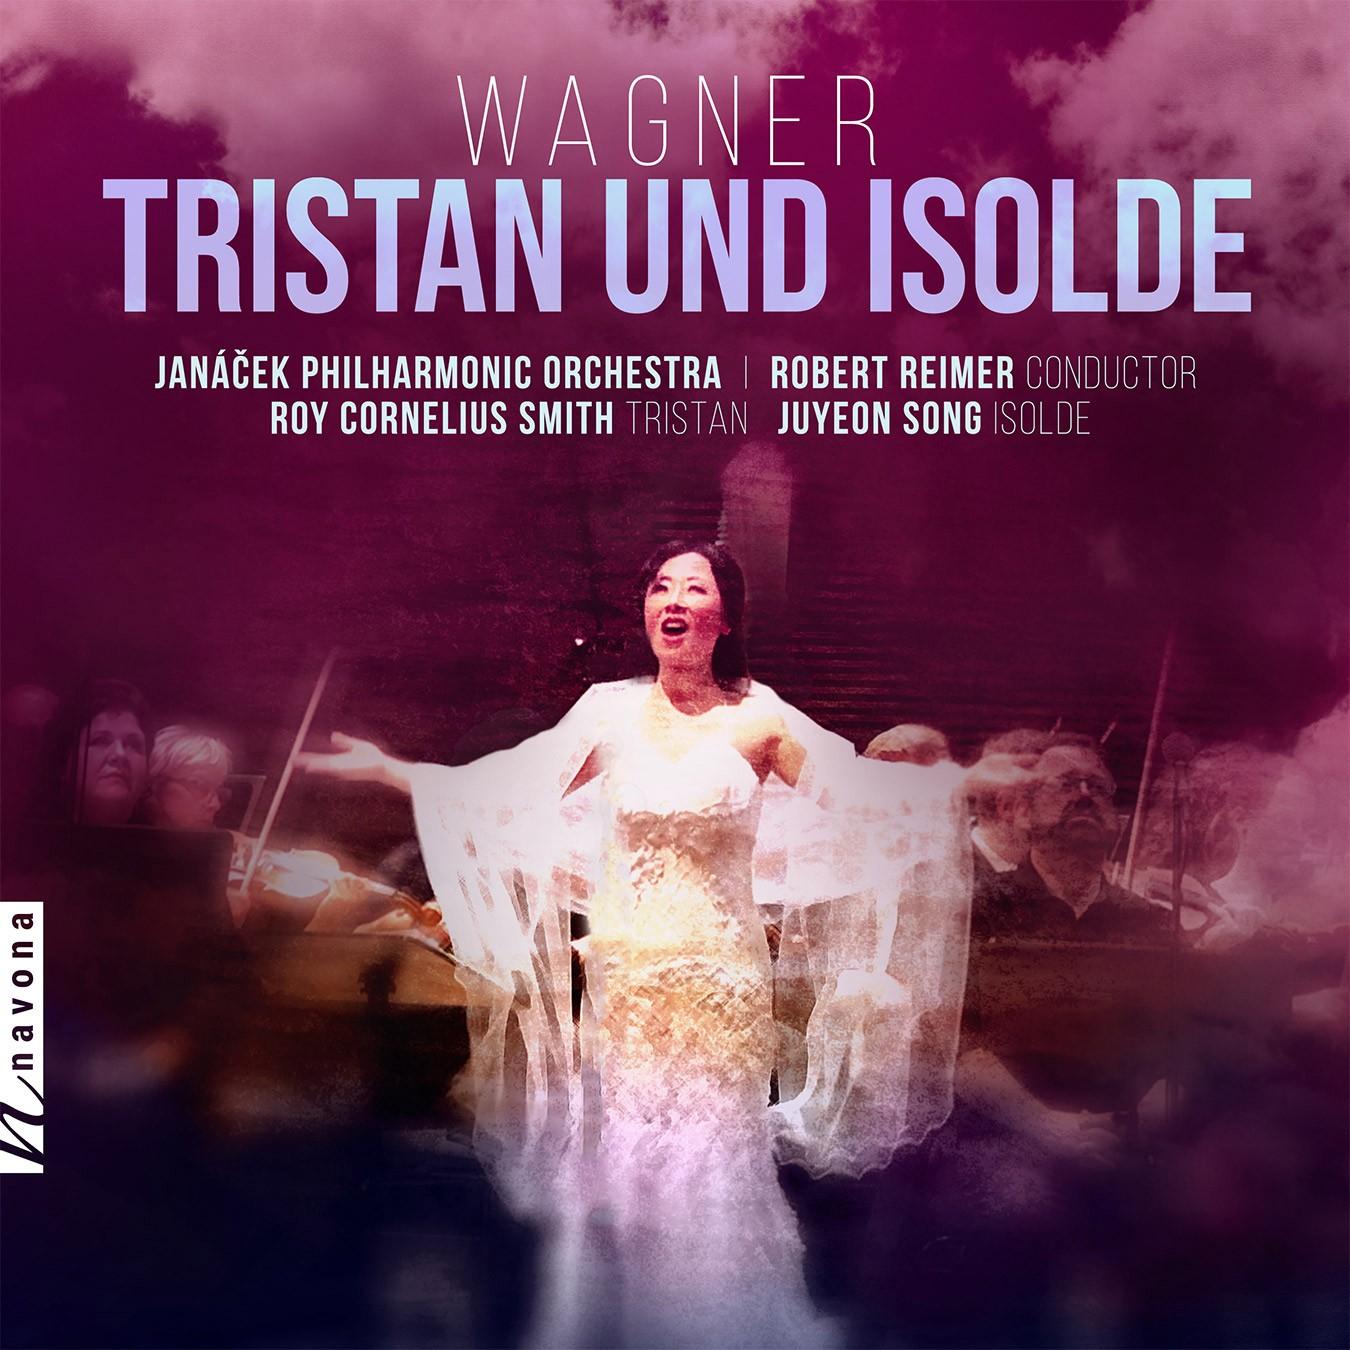 TRISTAN UND ISOLDE - Album Cover